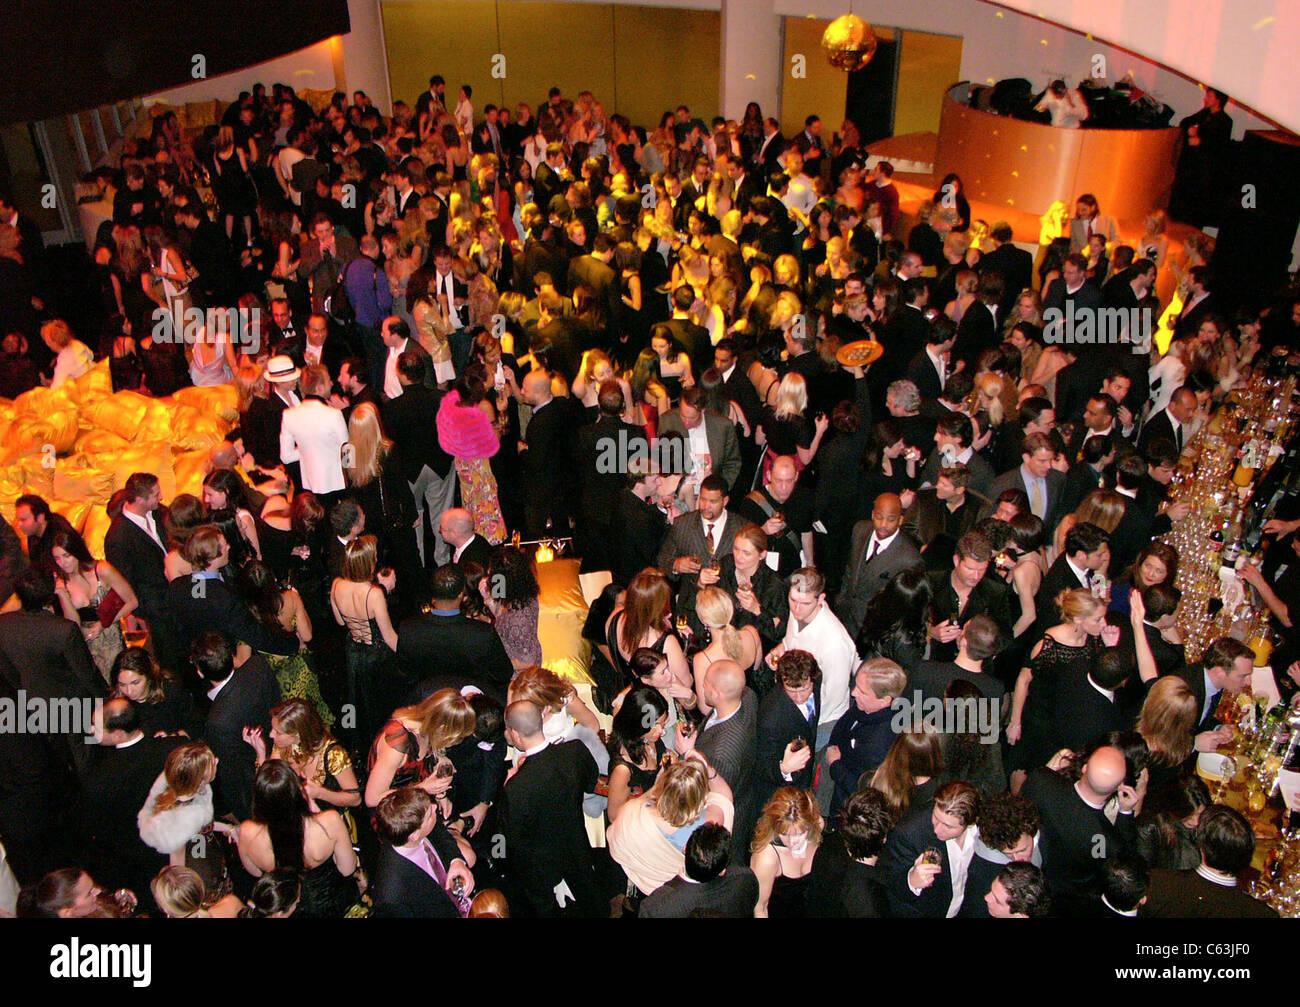 DIOR héberge le musée Guggenheim de jeunes COLLECTEURS D'ARTISTES CONSEIL BALL, New York, 16 décembre Photo Stock